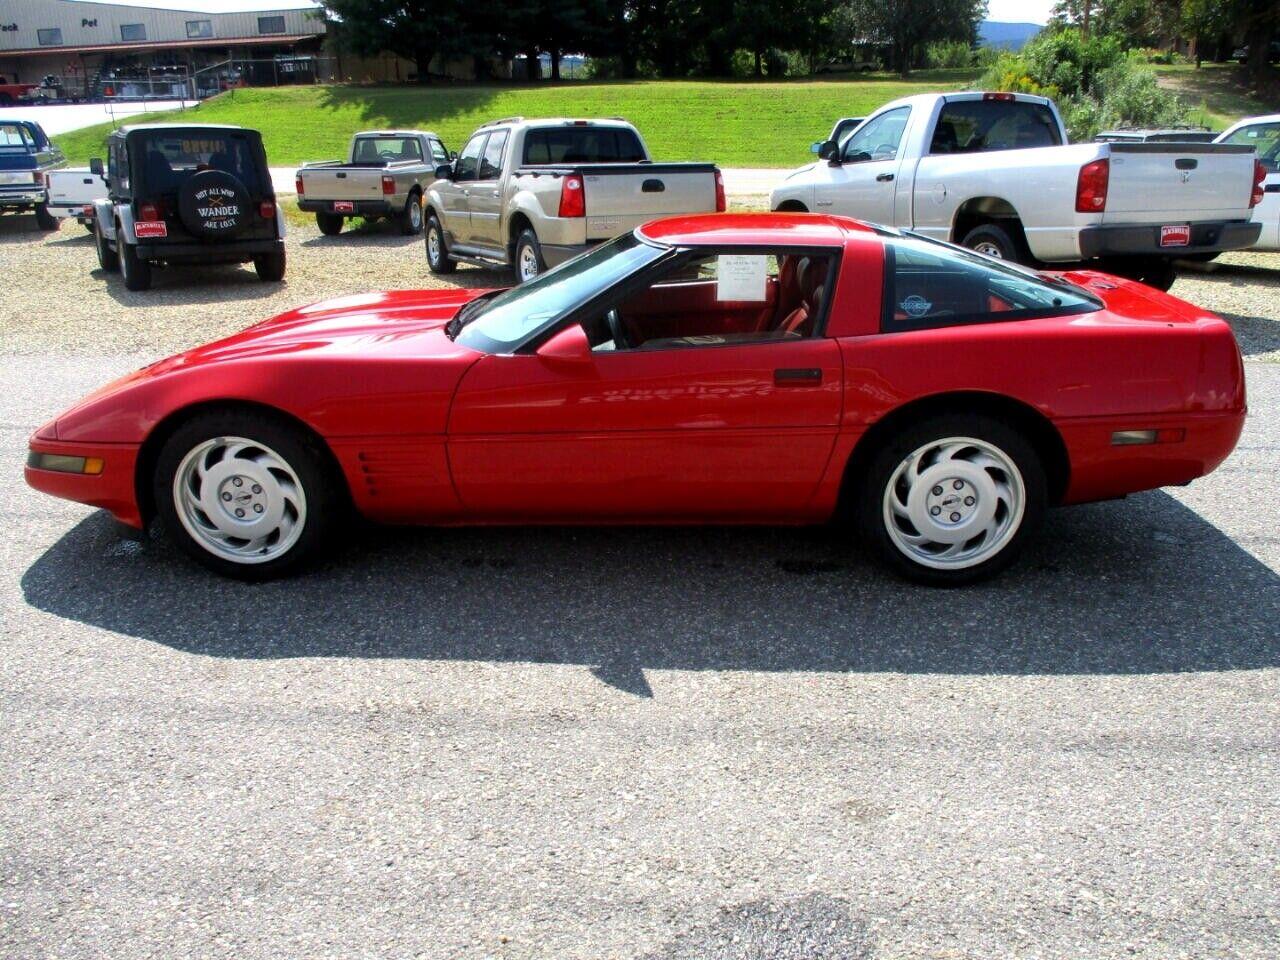 1991 Red Chevrolet Corvette Coupe    C4 Corvette Photo 6